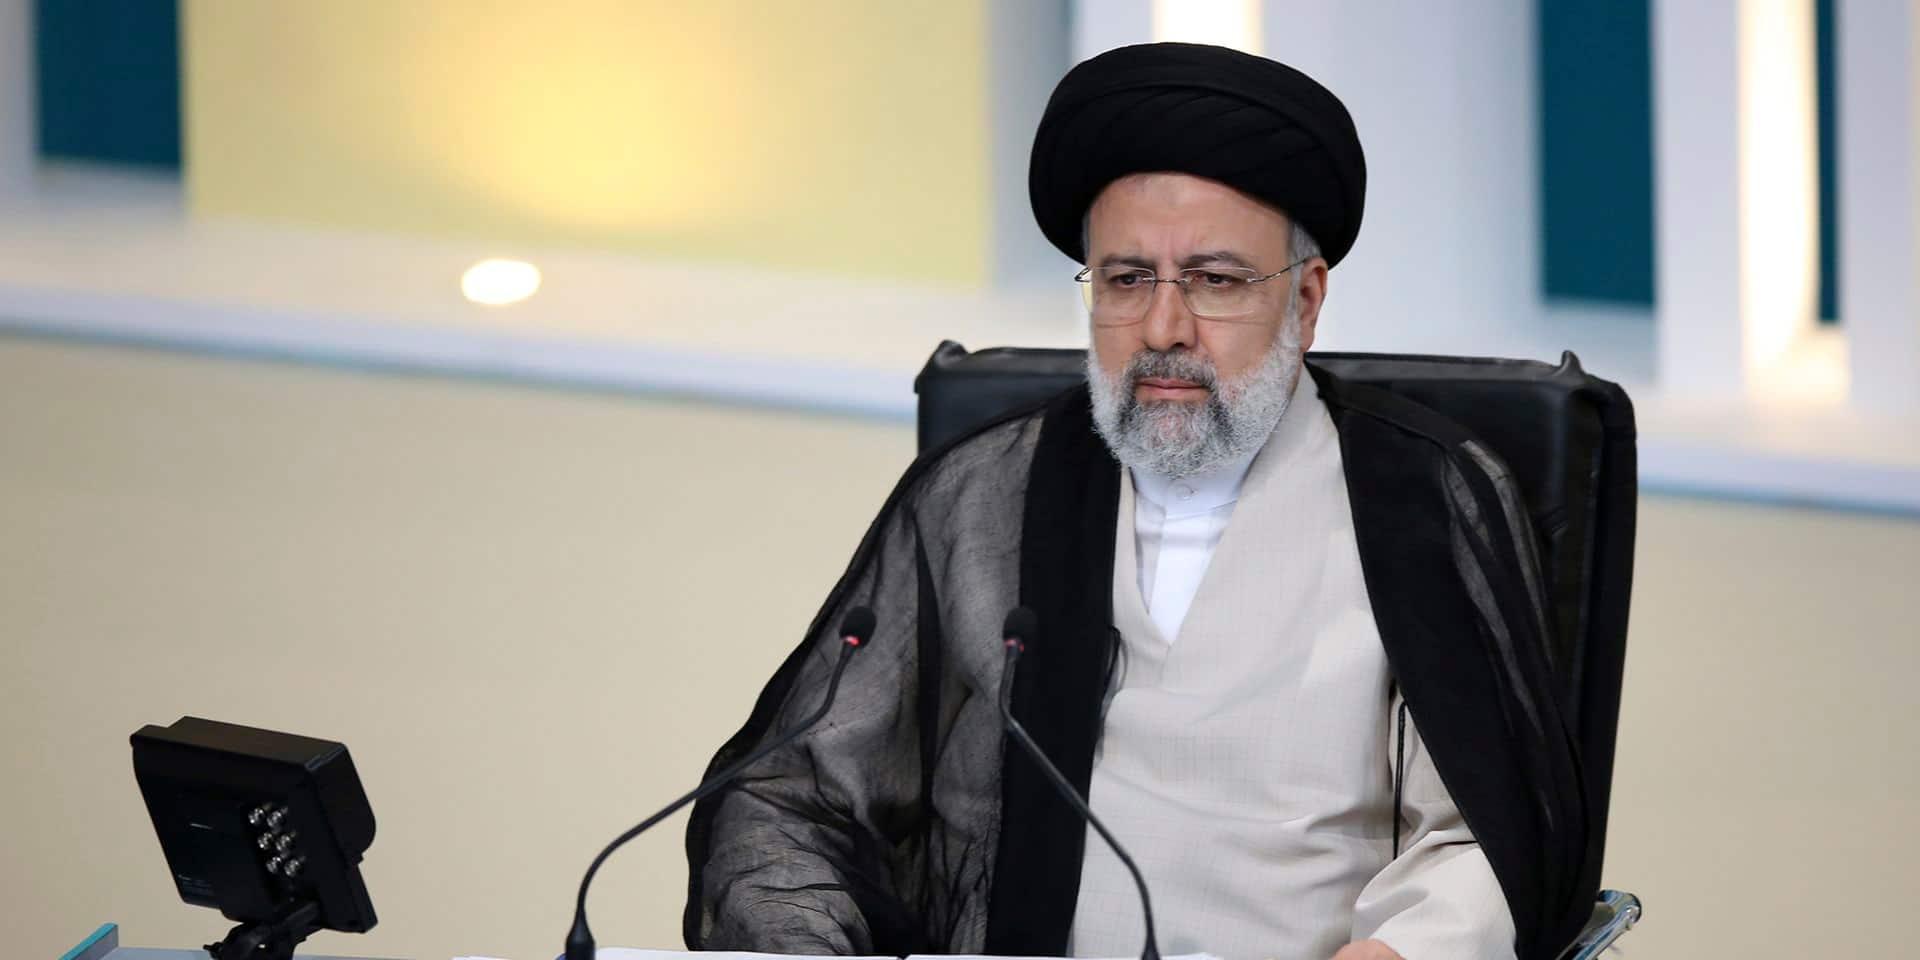 Ibrahim Raïssi, futur président iranien?